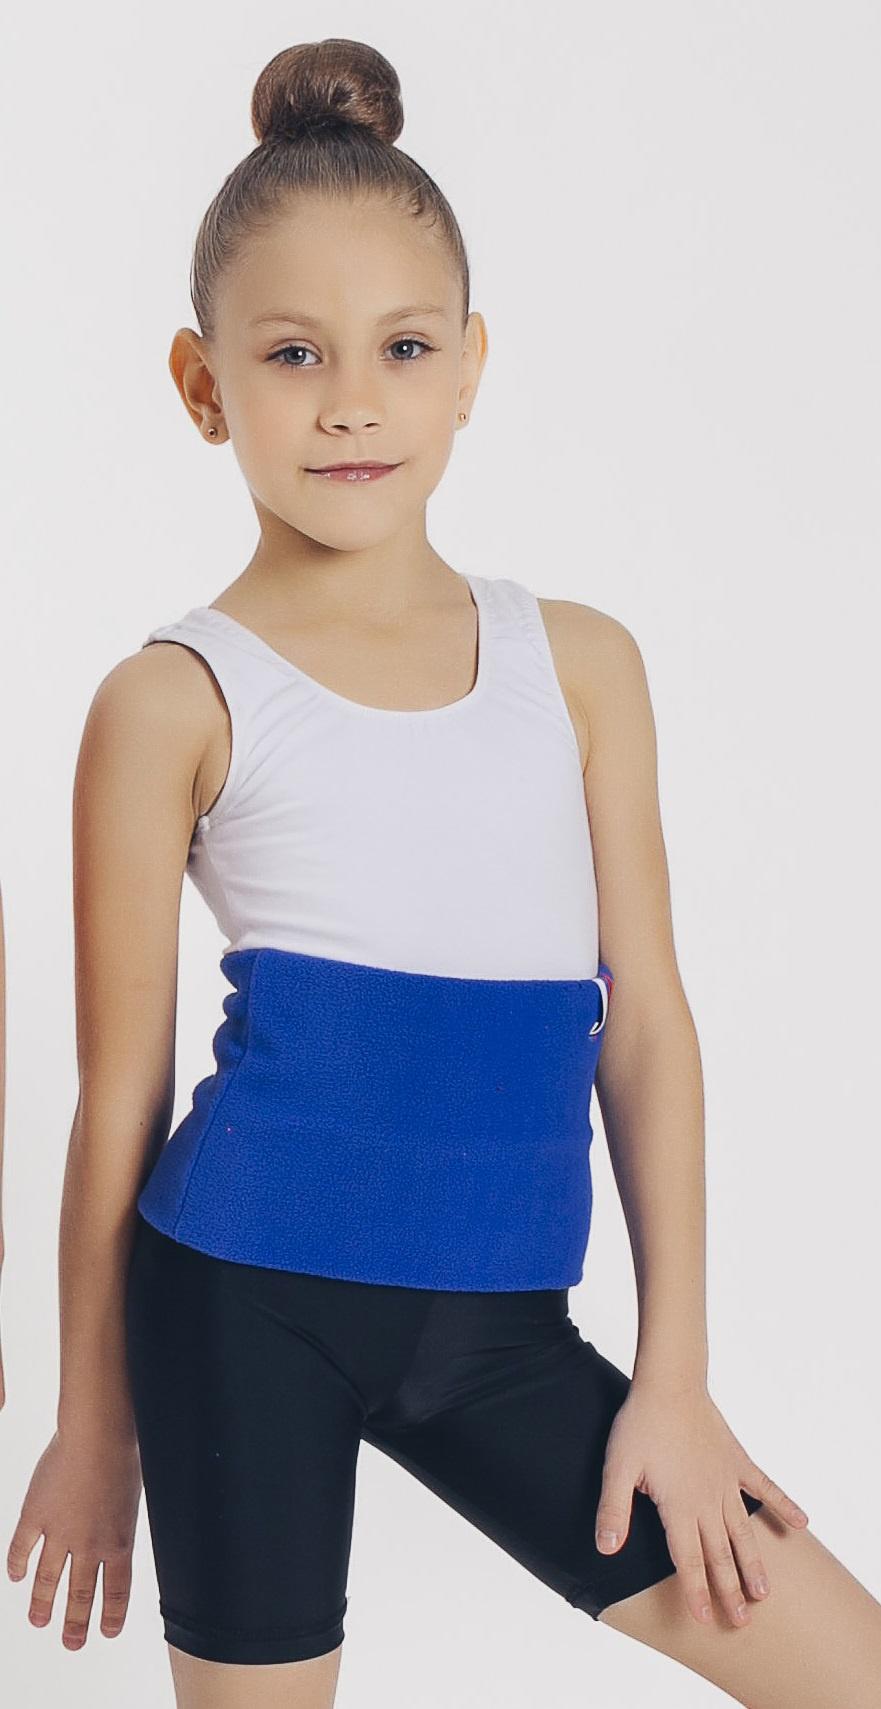 Пояс для похудения Линия Танца согревающий, синий для похудения пояс